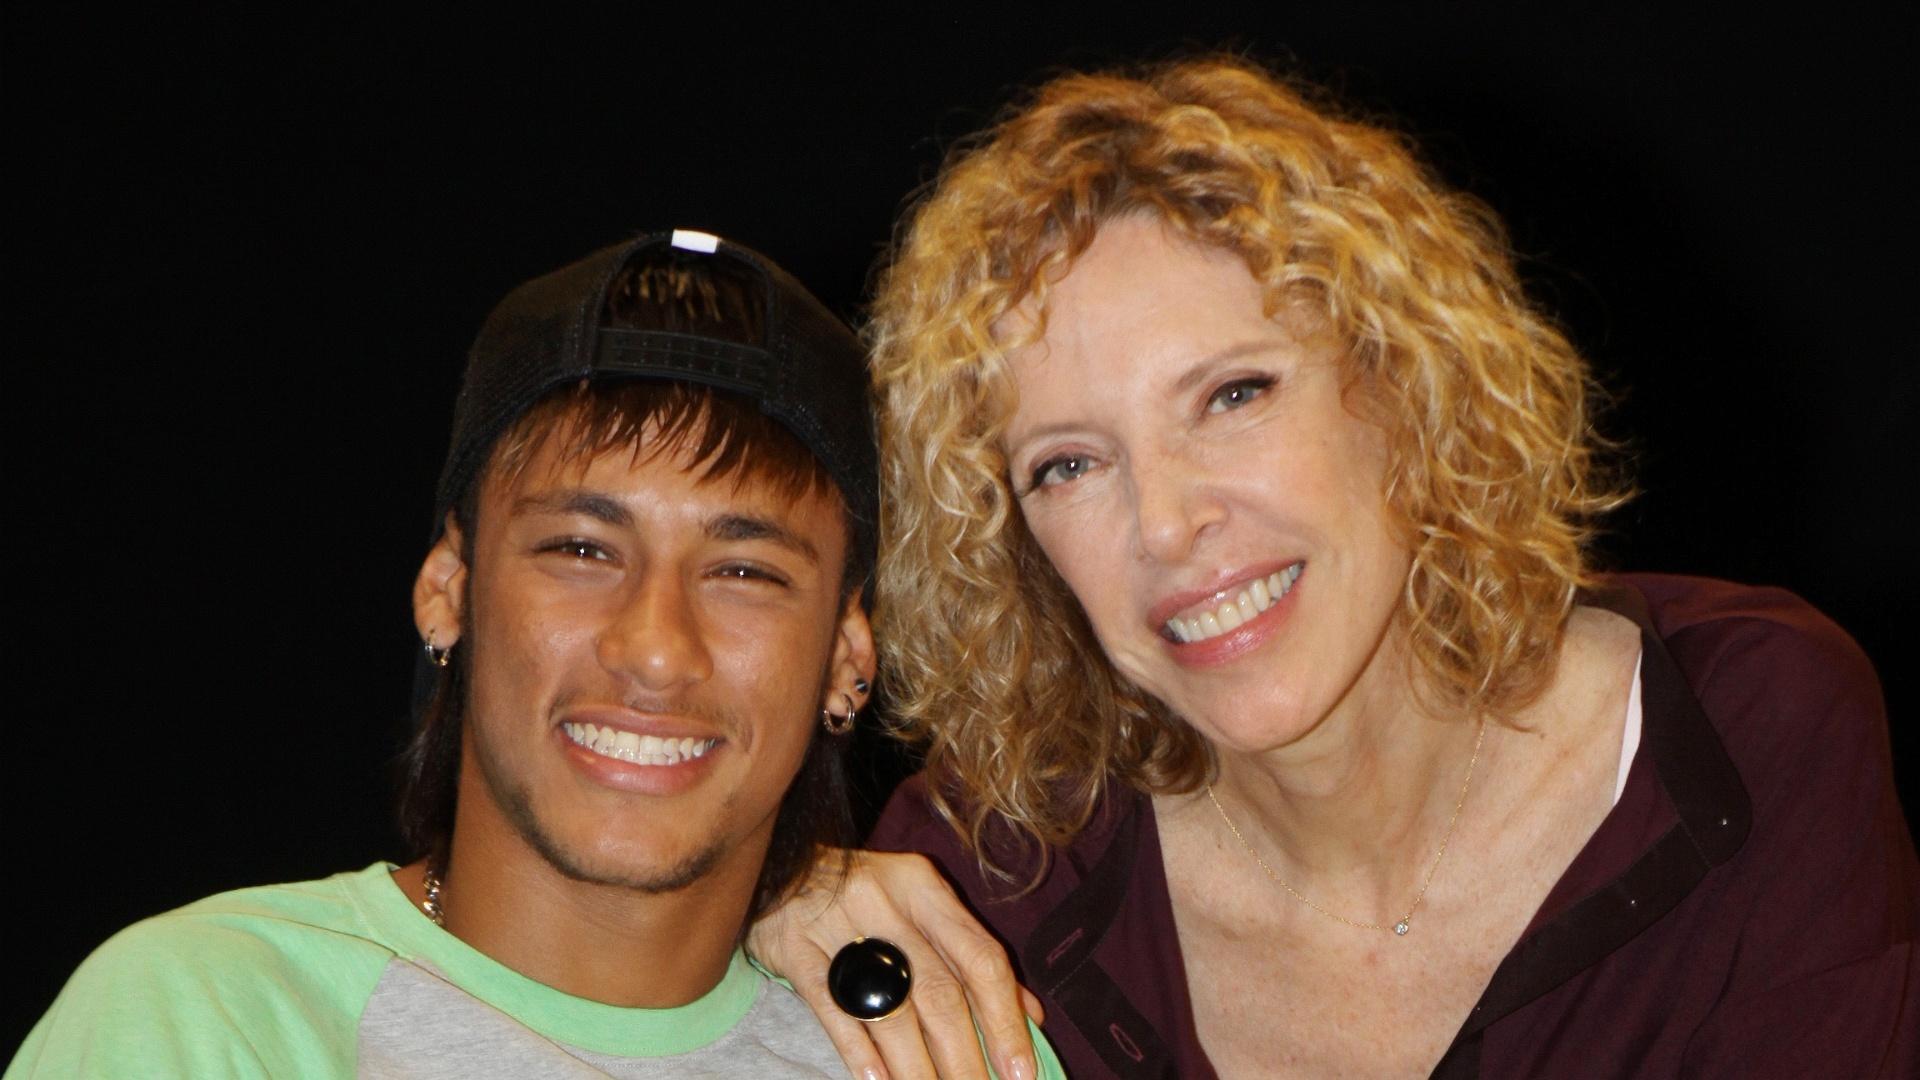 Marília Gabriela entrevista o jogador de futebol Neymar no